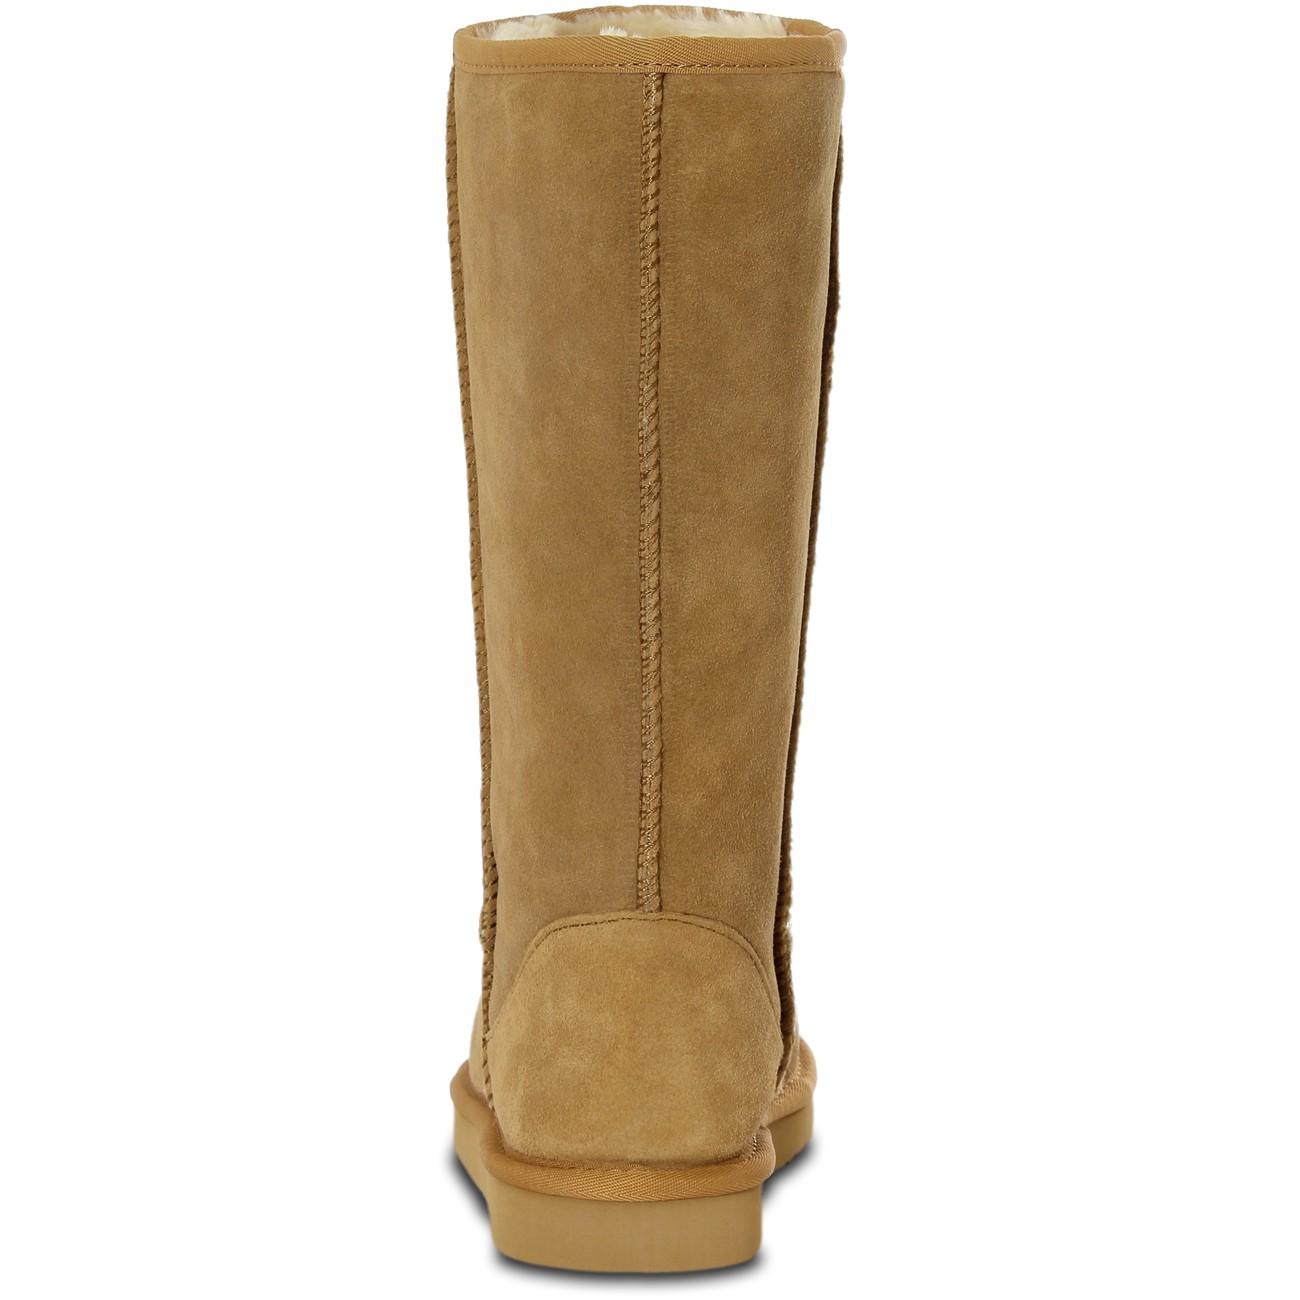 farasion damen winter leder boots stiefel mit hohem. Black Bedroom Furniture Sets. Home Design Ideas